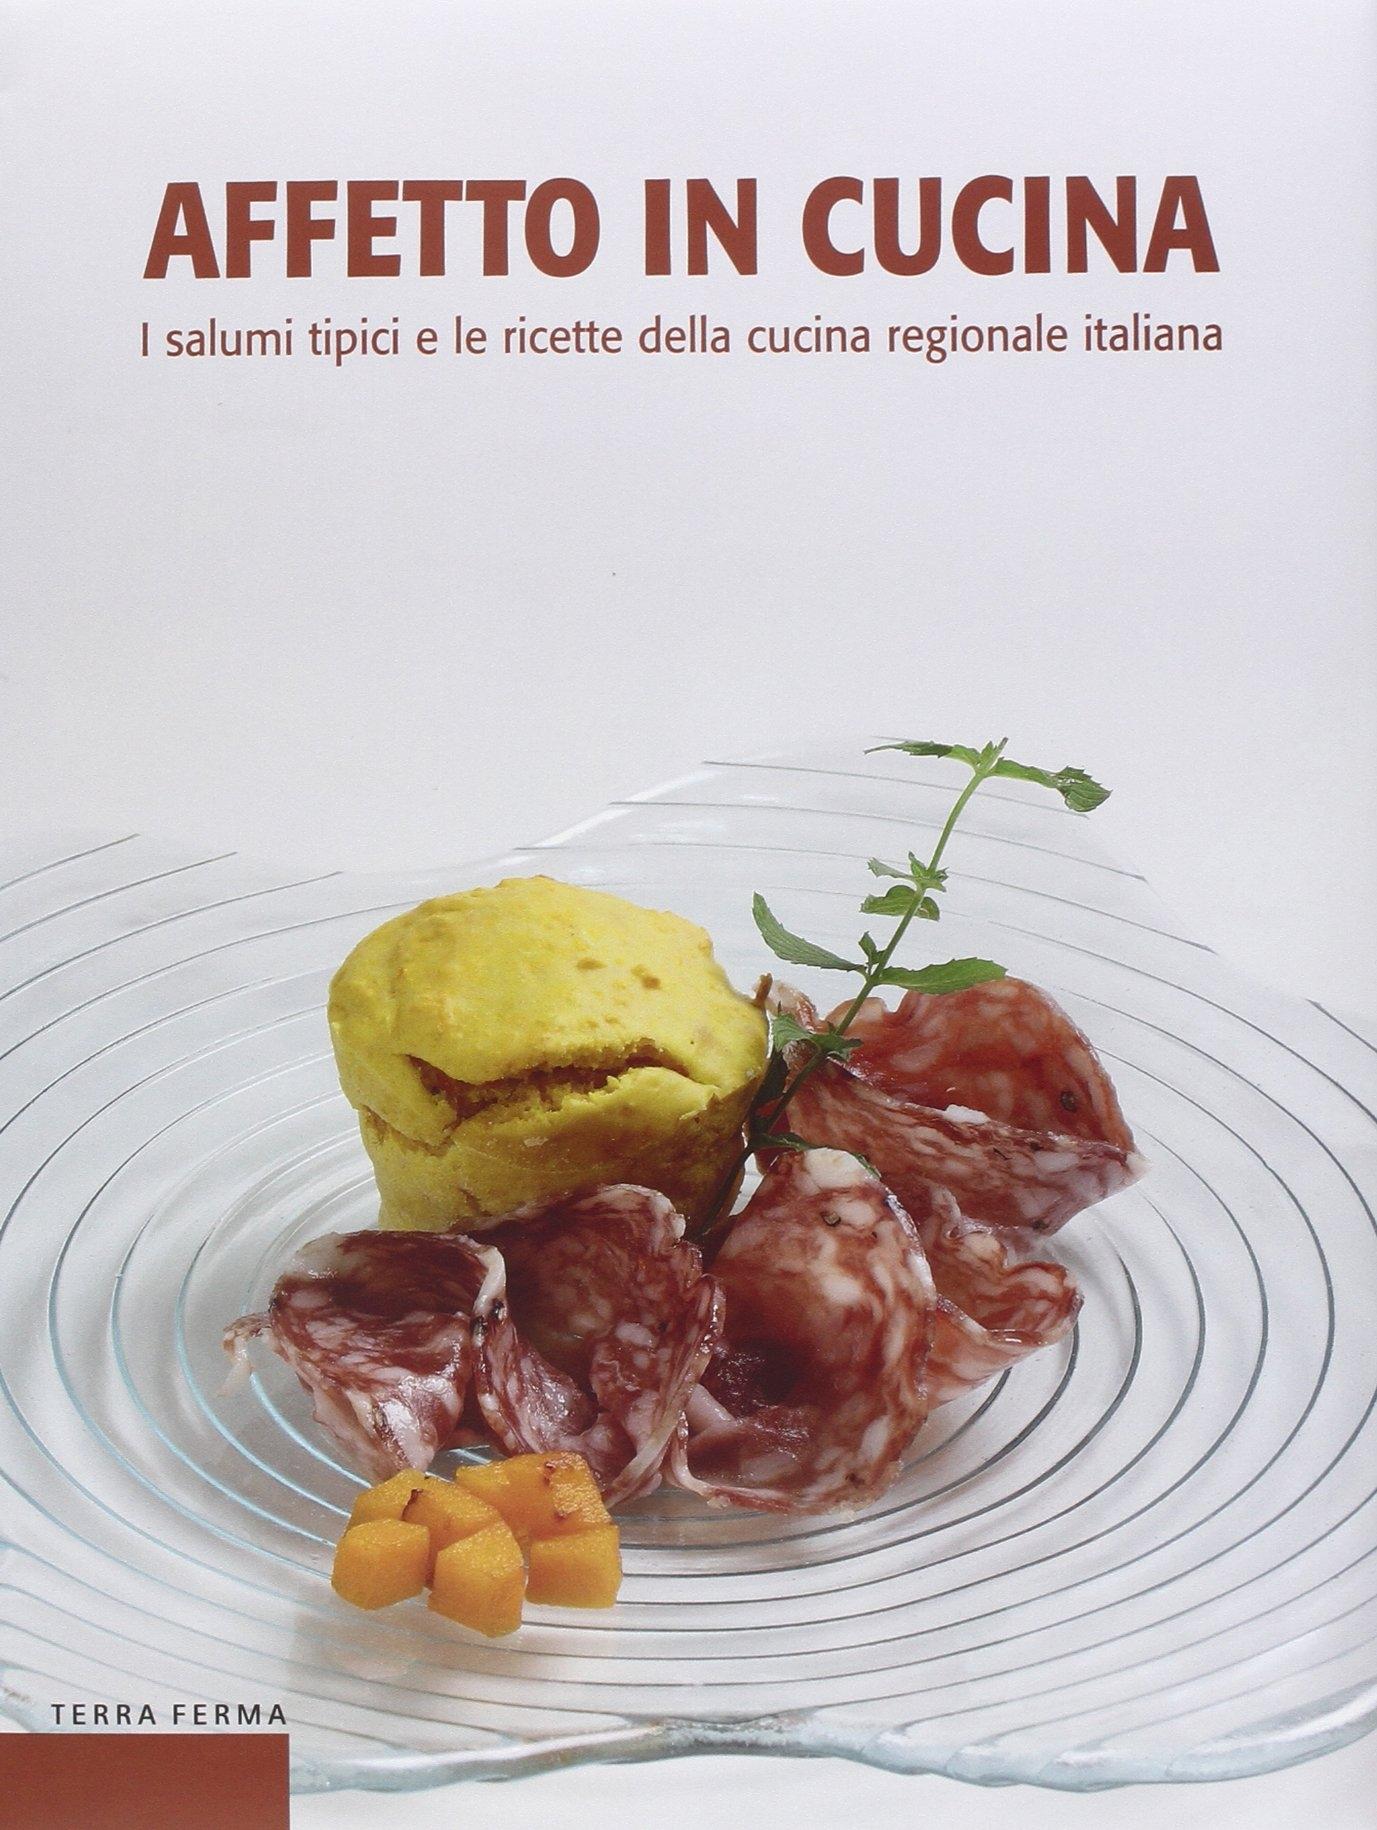 Affetto in cucina. I salumi tipici e le ricette della cucina regionale italiana